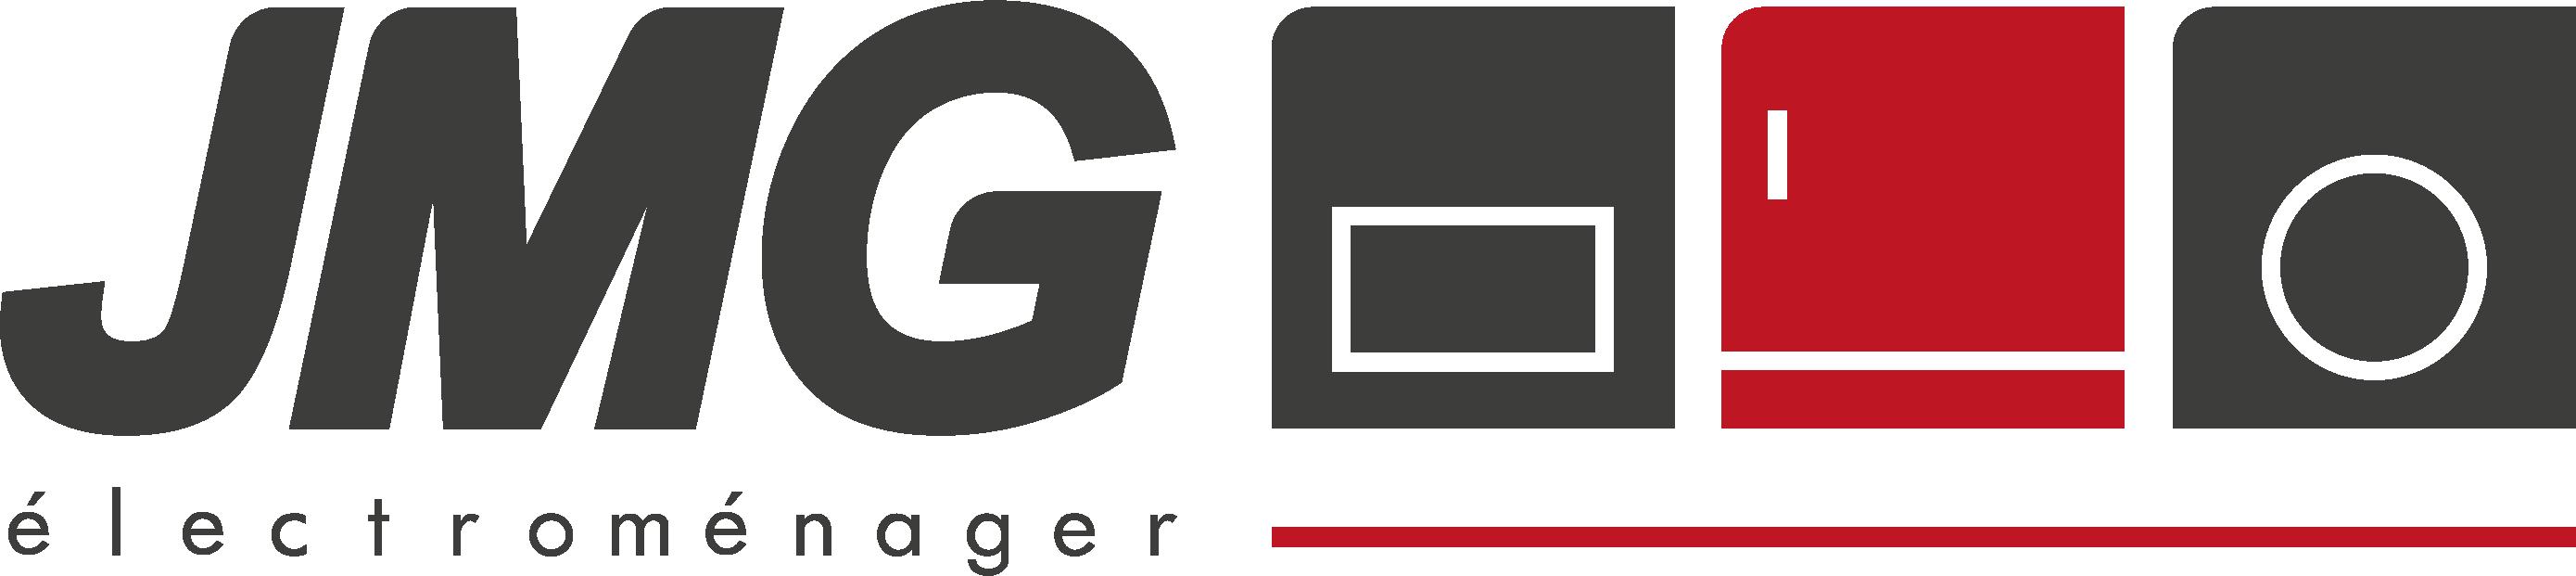 JMG électroménager Sàrl